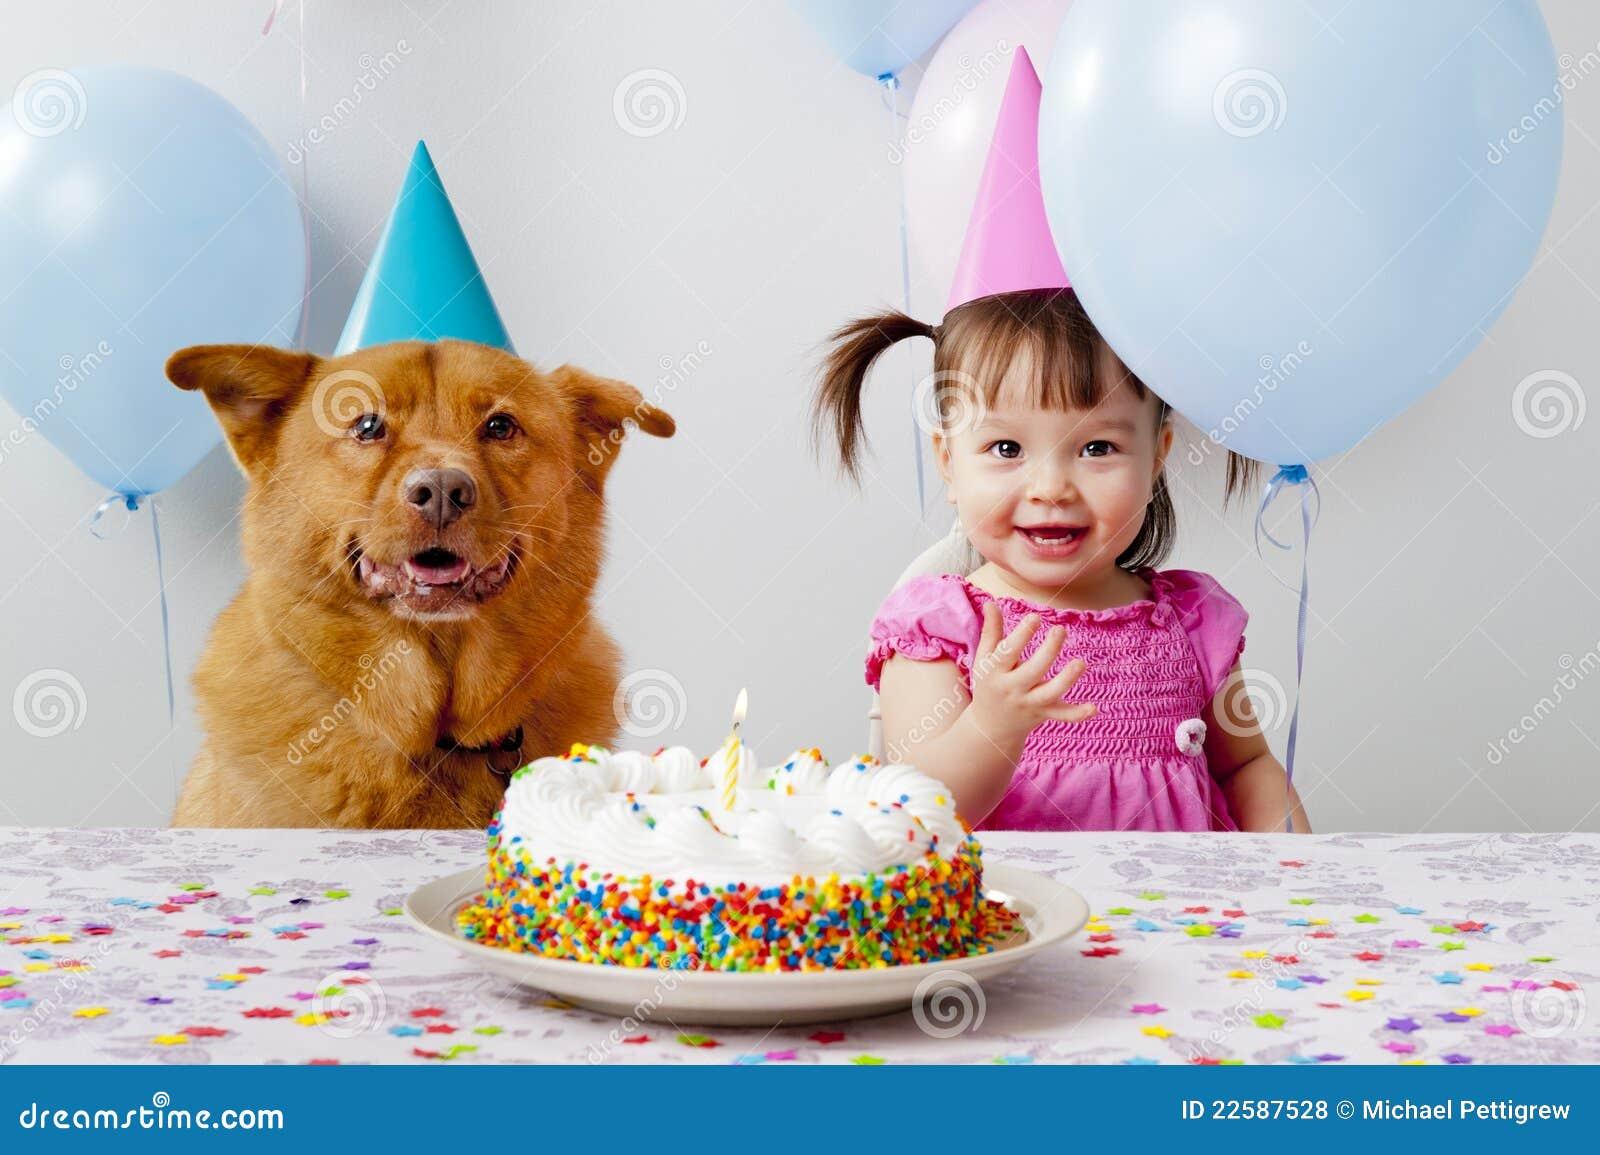 вечеринка по случаю дня рождения